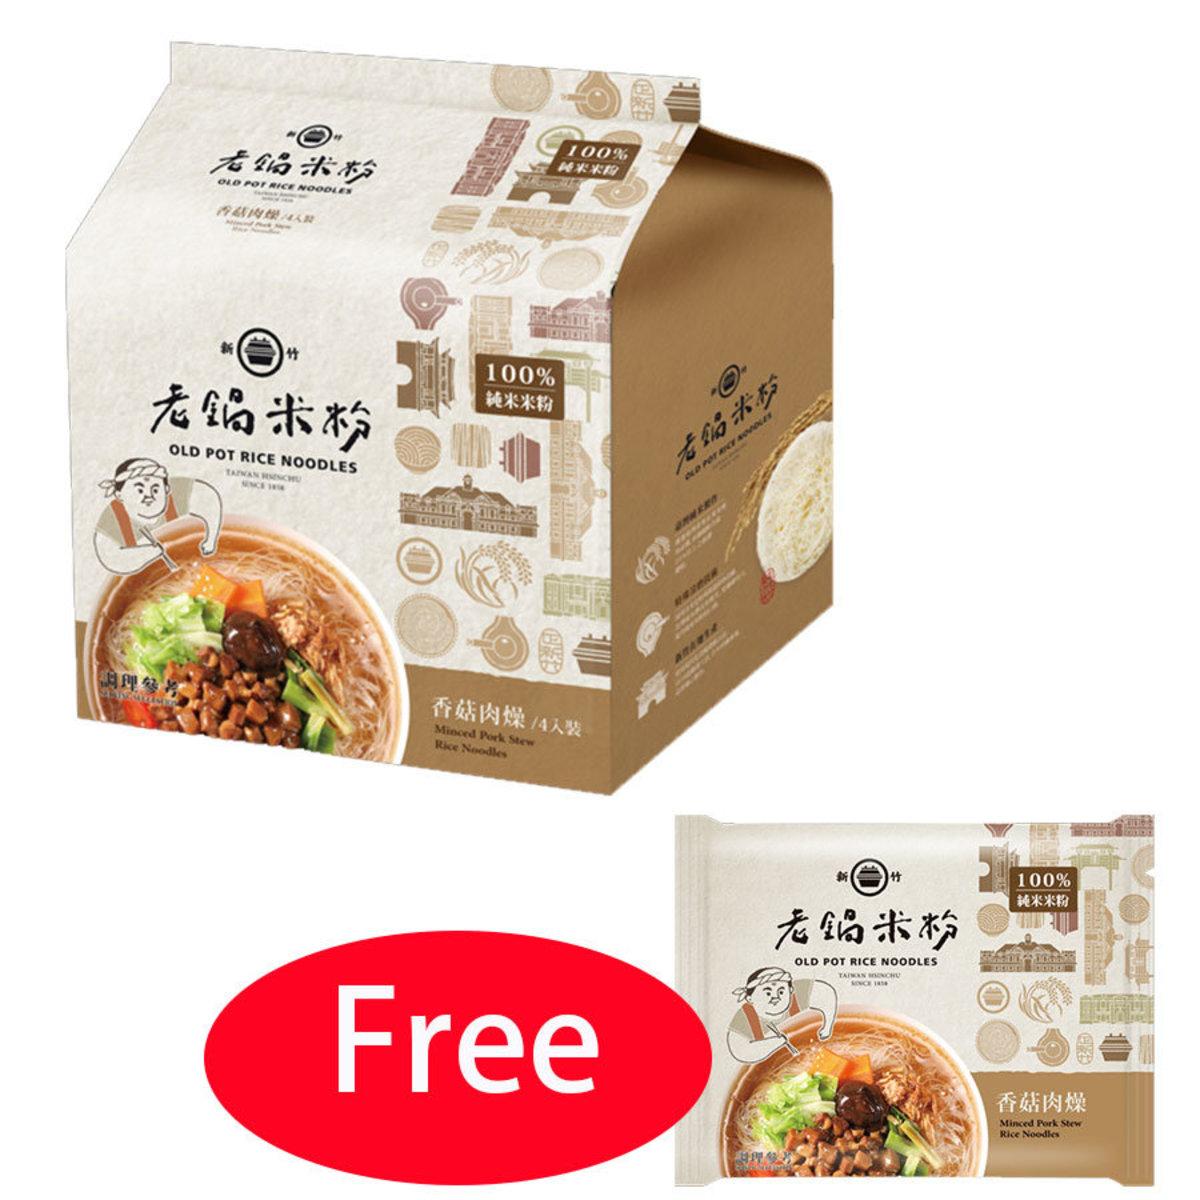 老鍋米粉 純米香菇肉燥風味湯米粉 60g (4包裝)